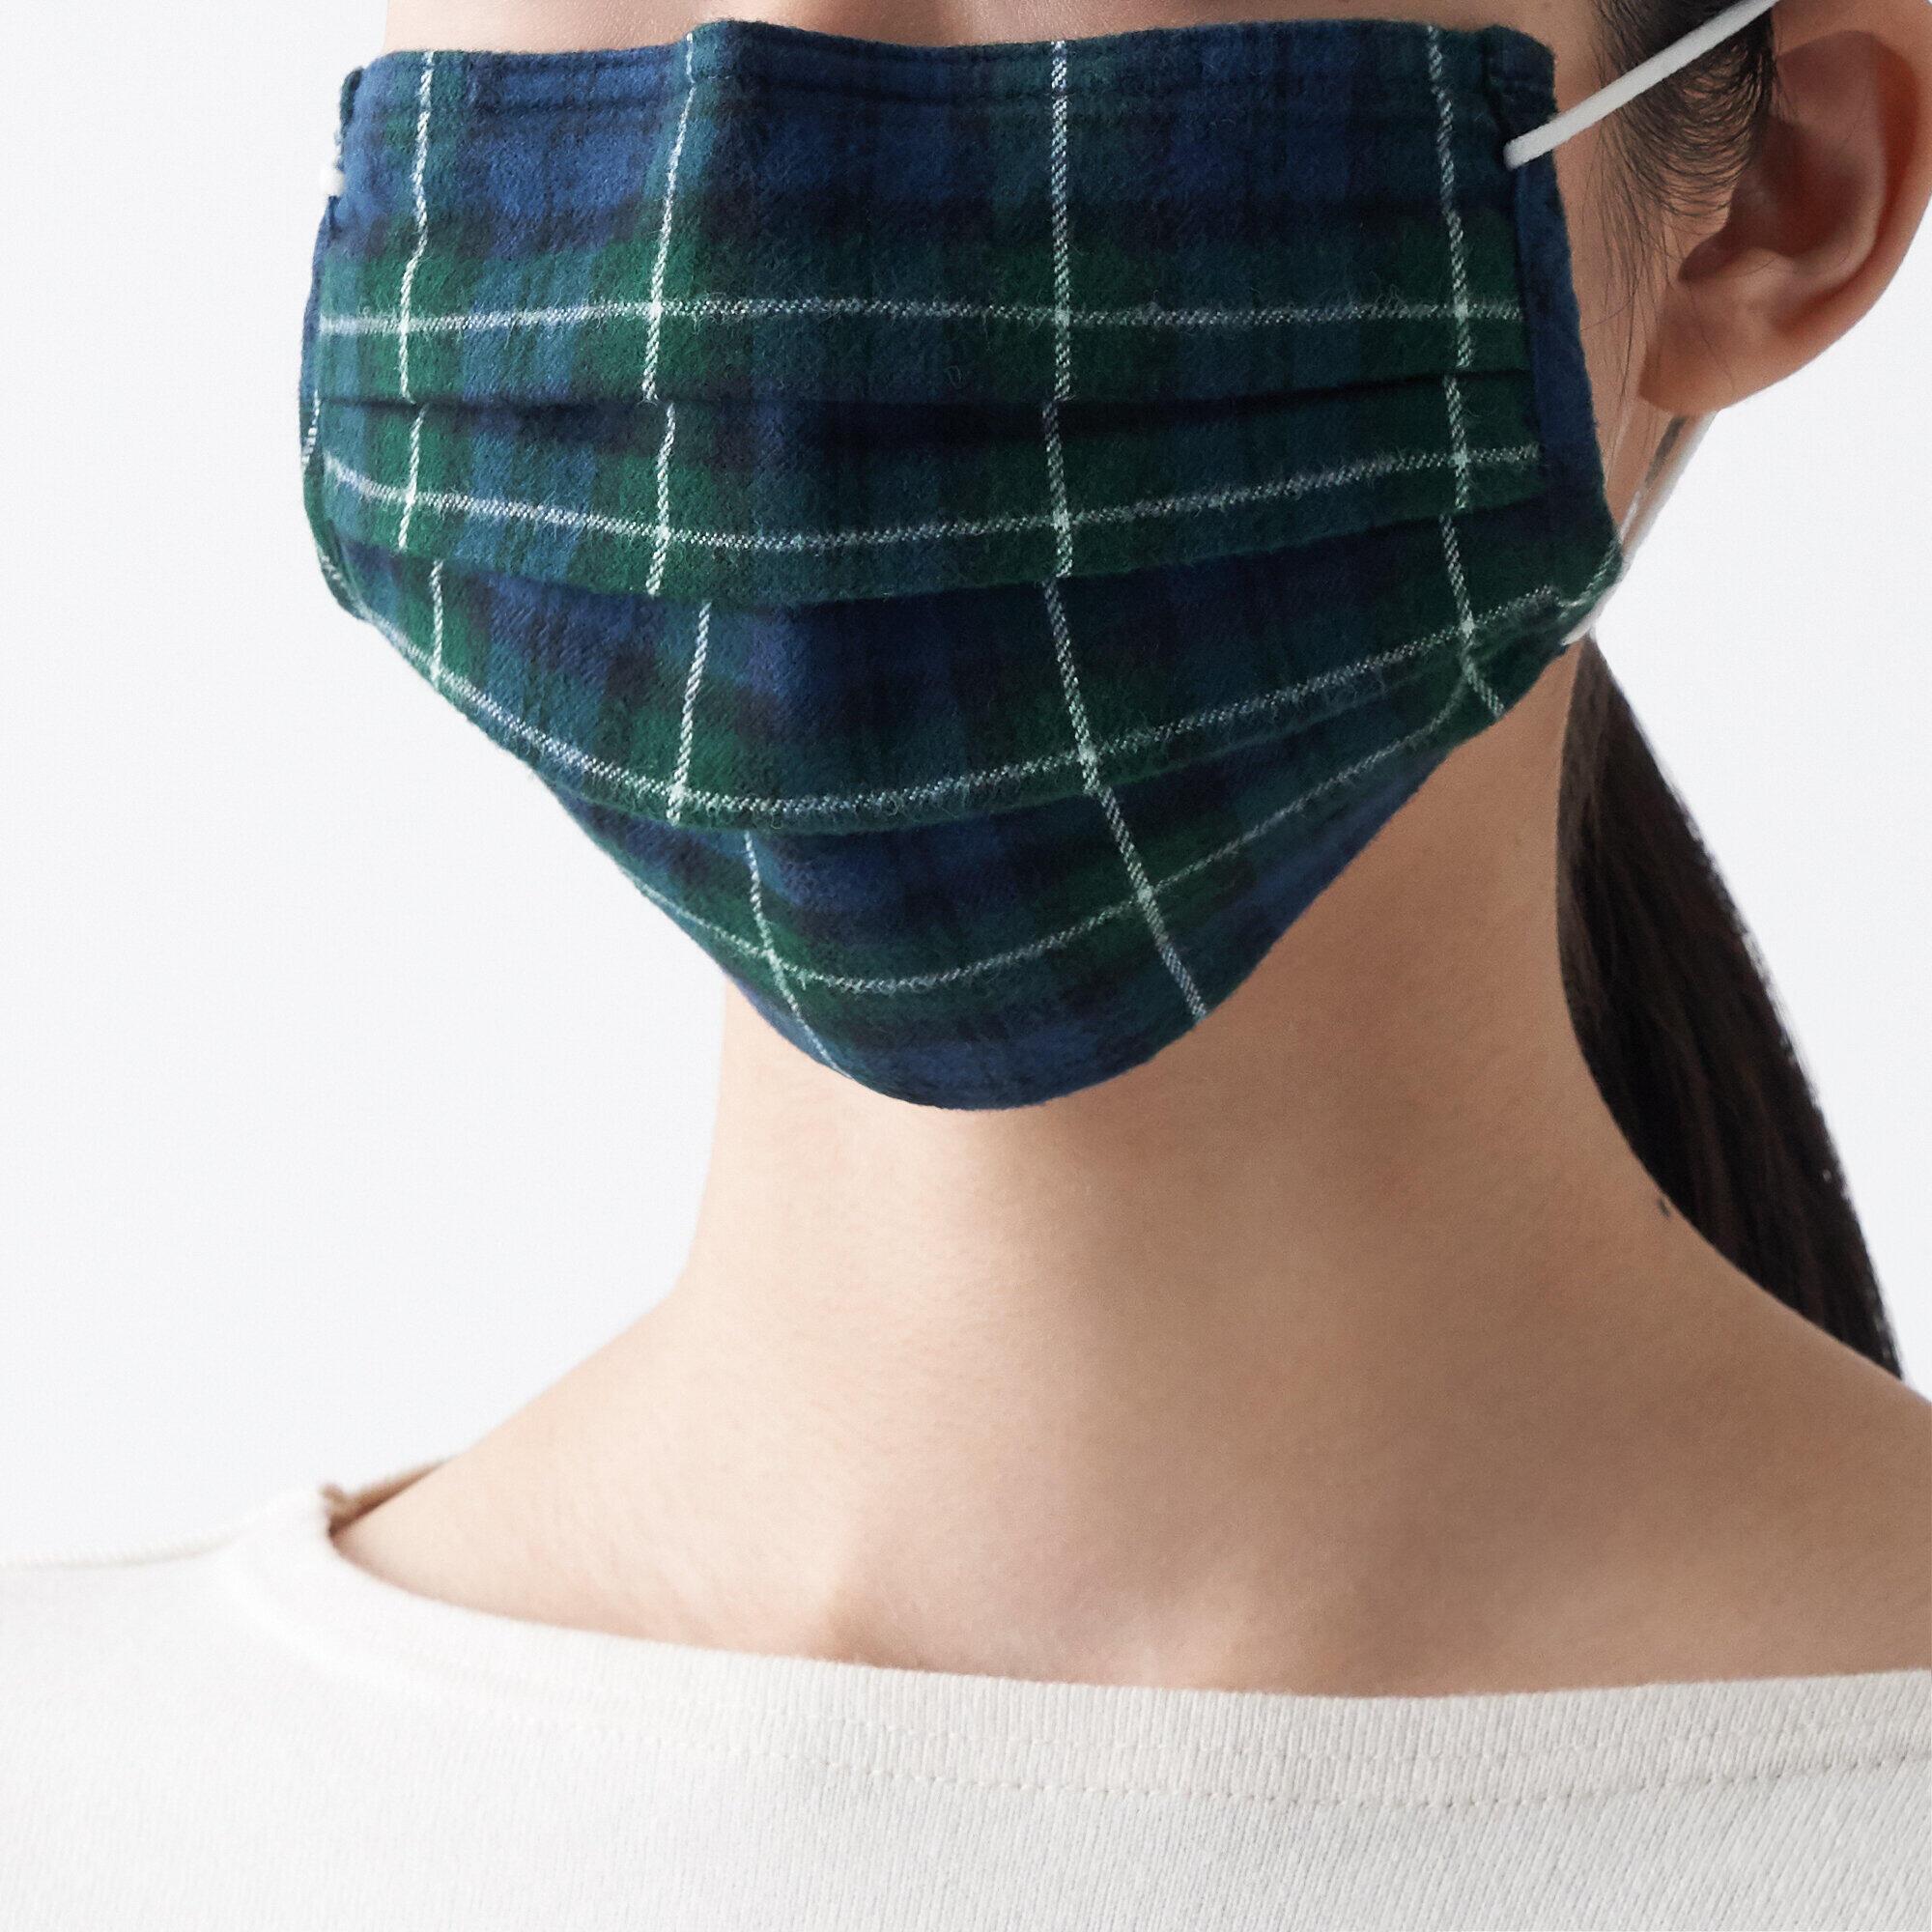 「無印良品」秋冬用の布マスク シャツやボトムスの「残布」再利用、抗菌・防臭加工